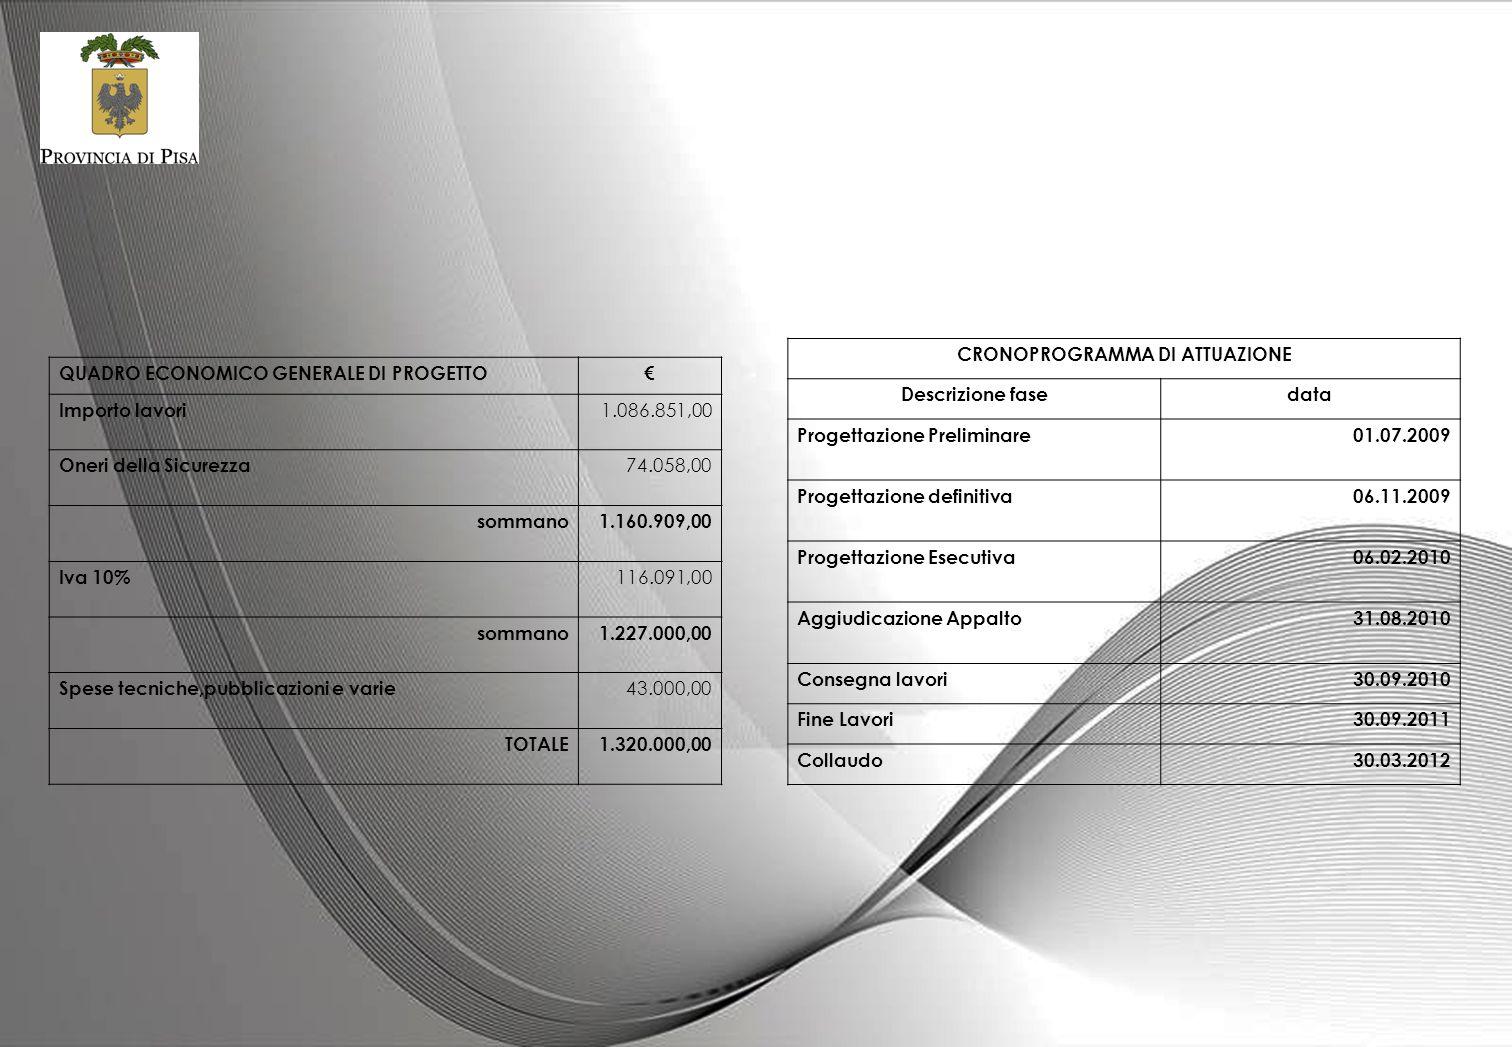 QUADRO ECONOMICO GENERALE DI PROGETTO Importo lavori 1.086.851,00 Oneri della Sicurezza 74.058,00 sommano1.160.909,00 Iva 10% 116.091,00 sommano1.227.